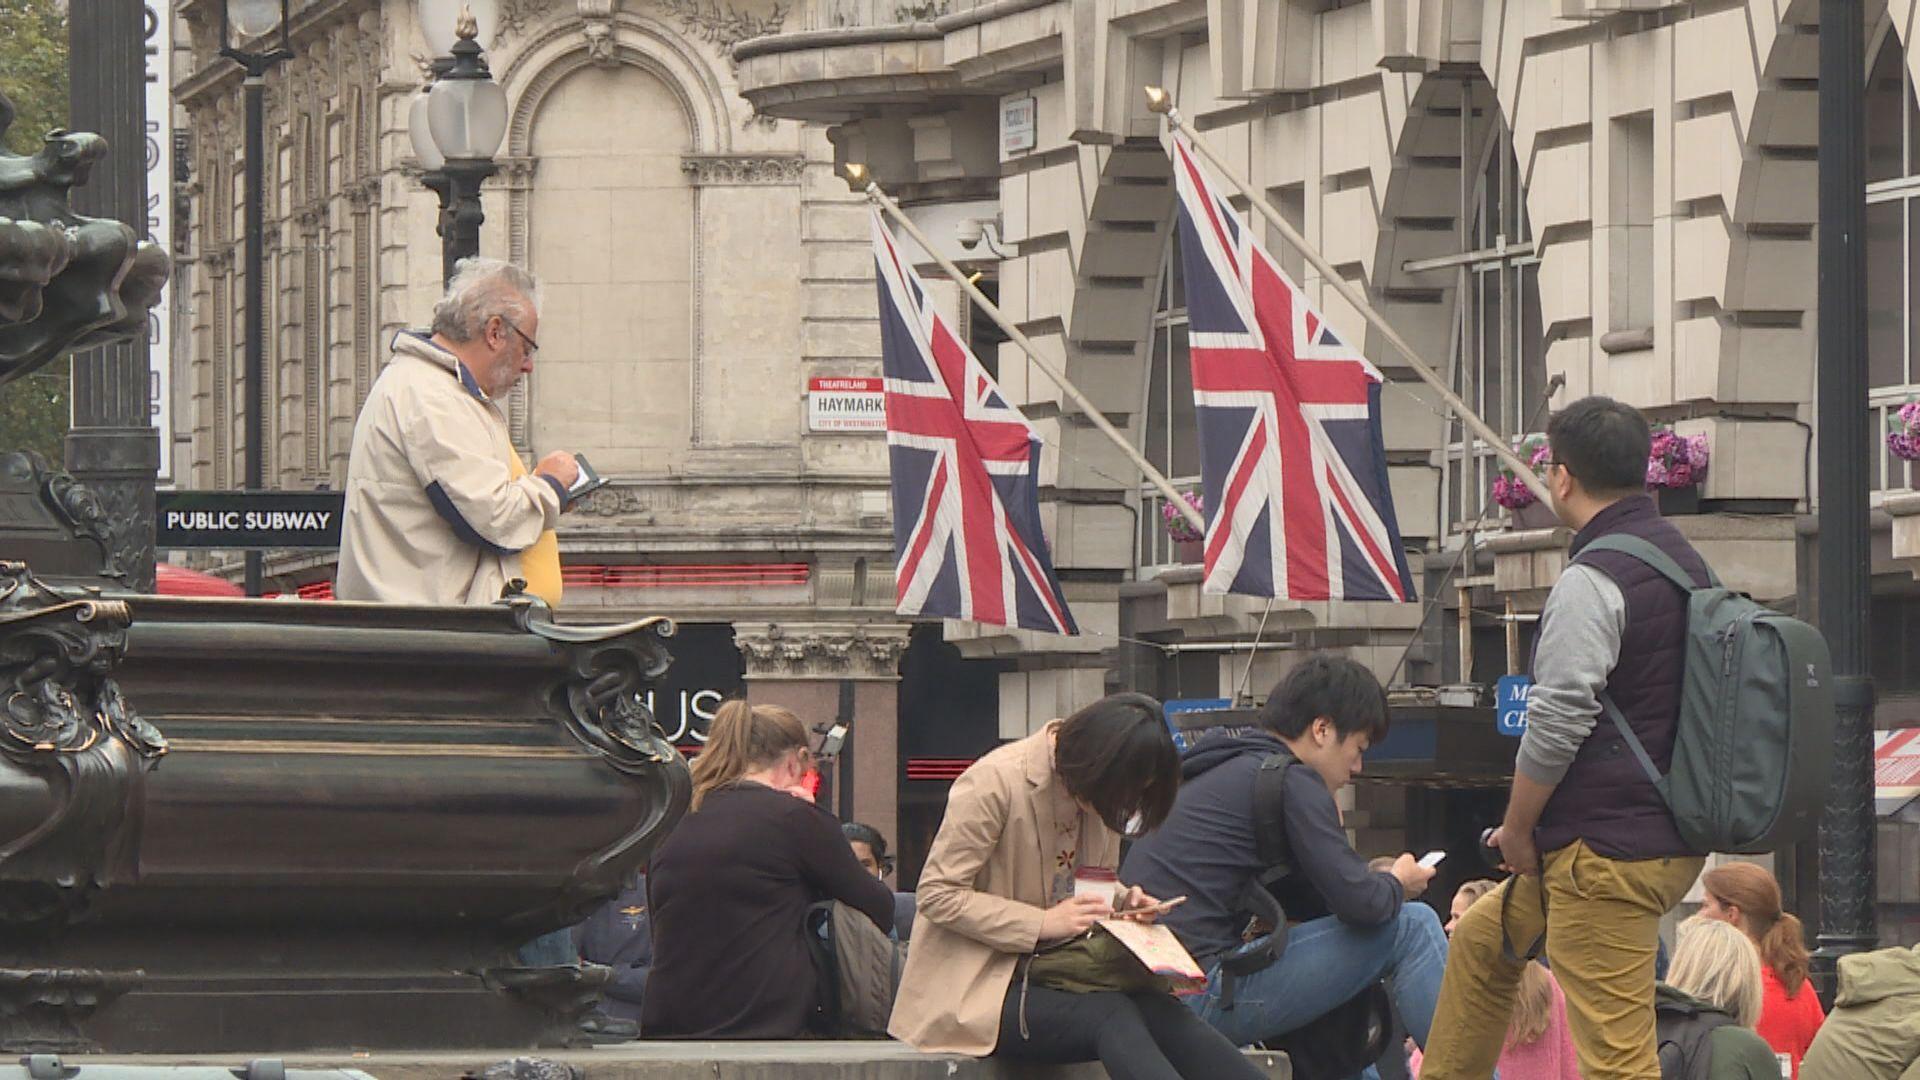 英國首相府消息指達成新脫歐協議機會微